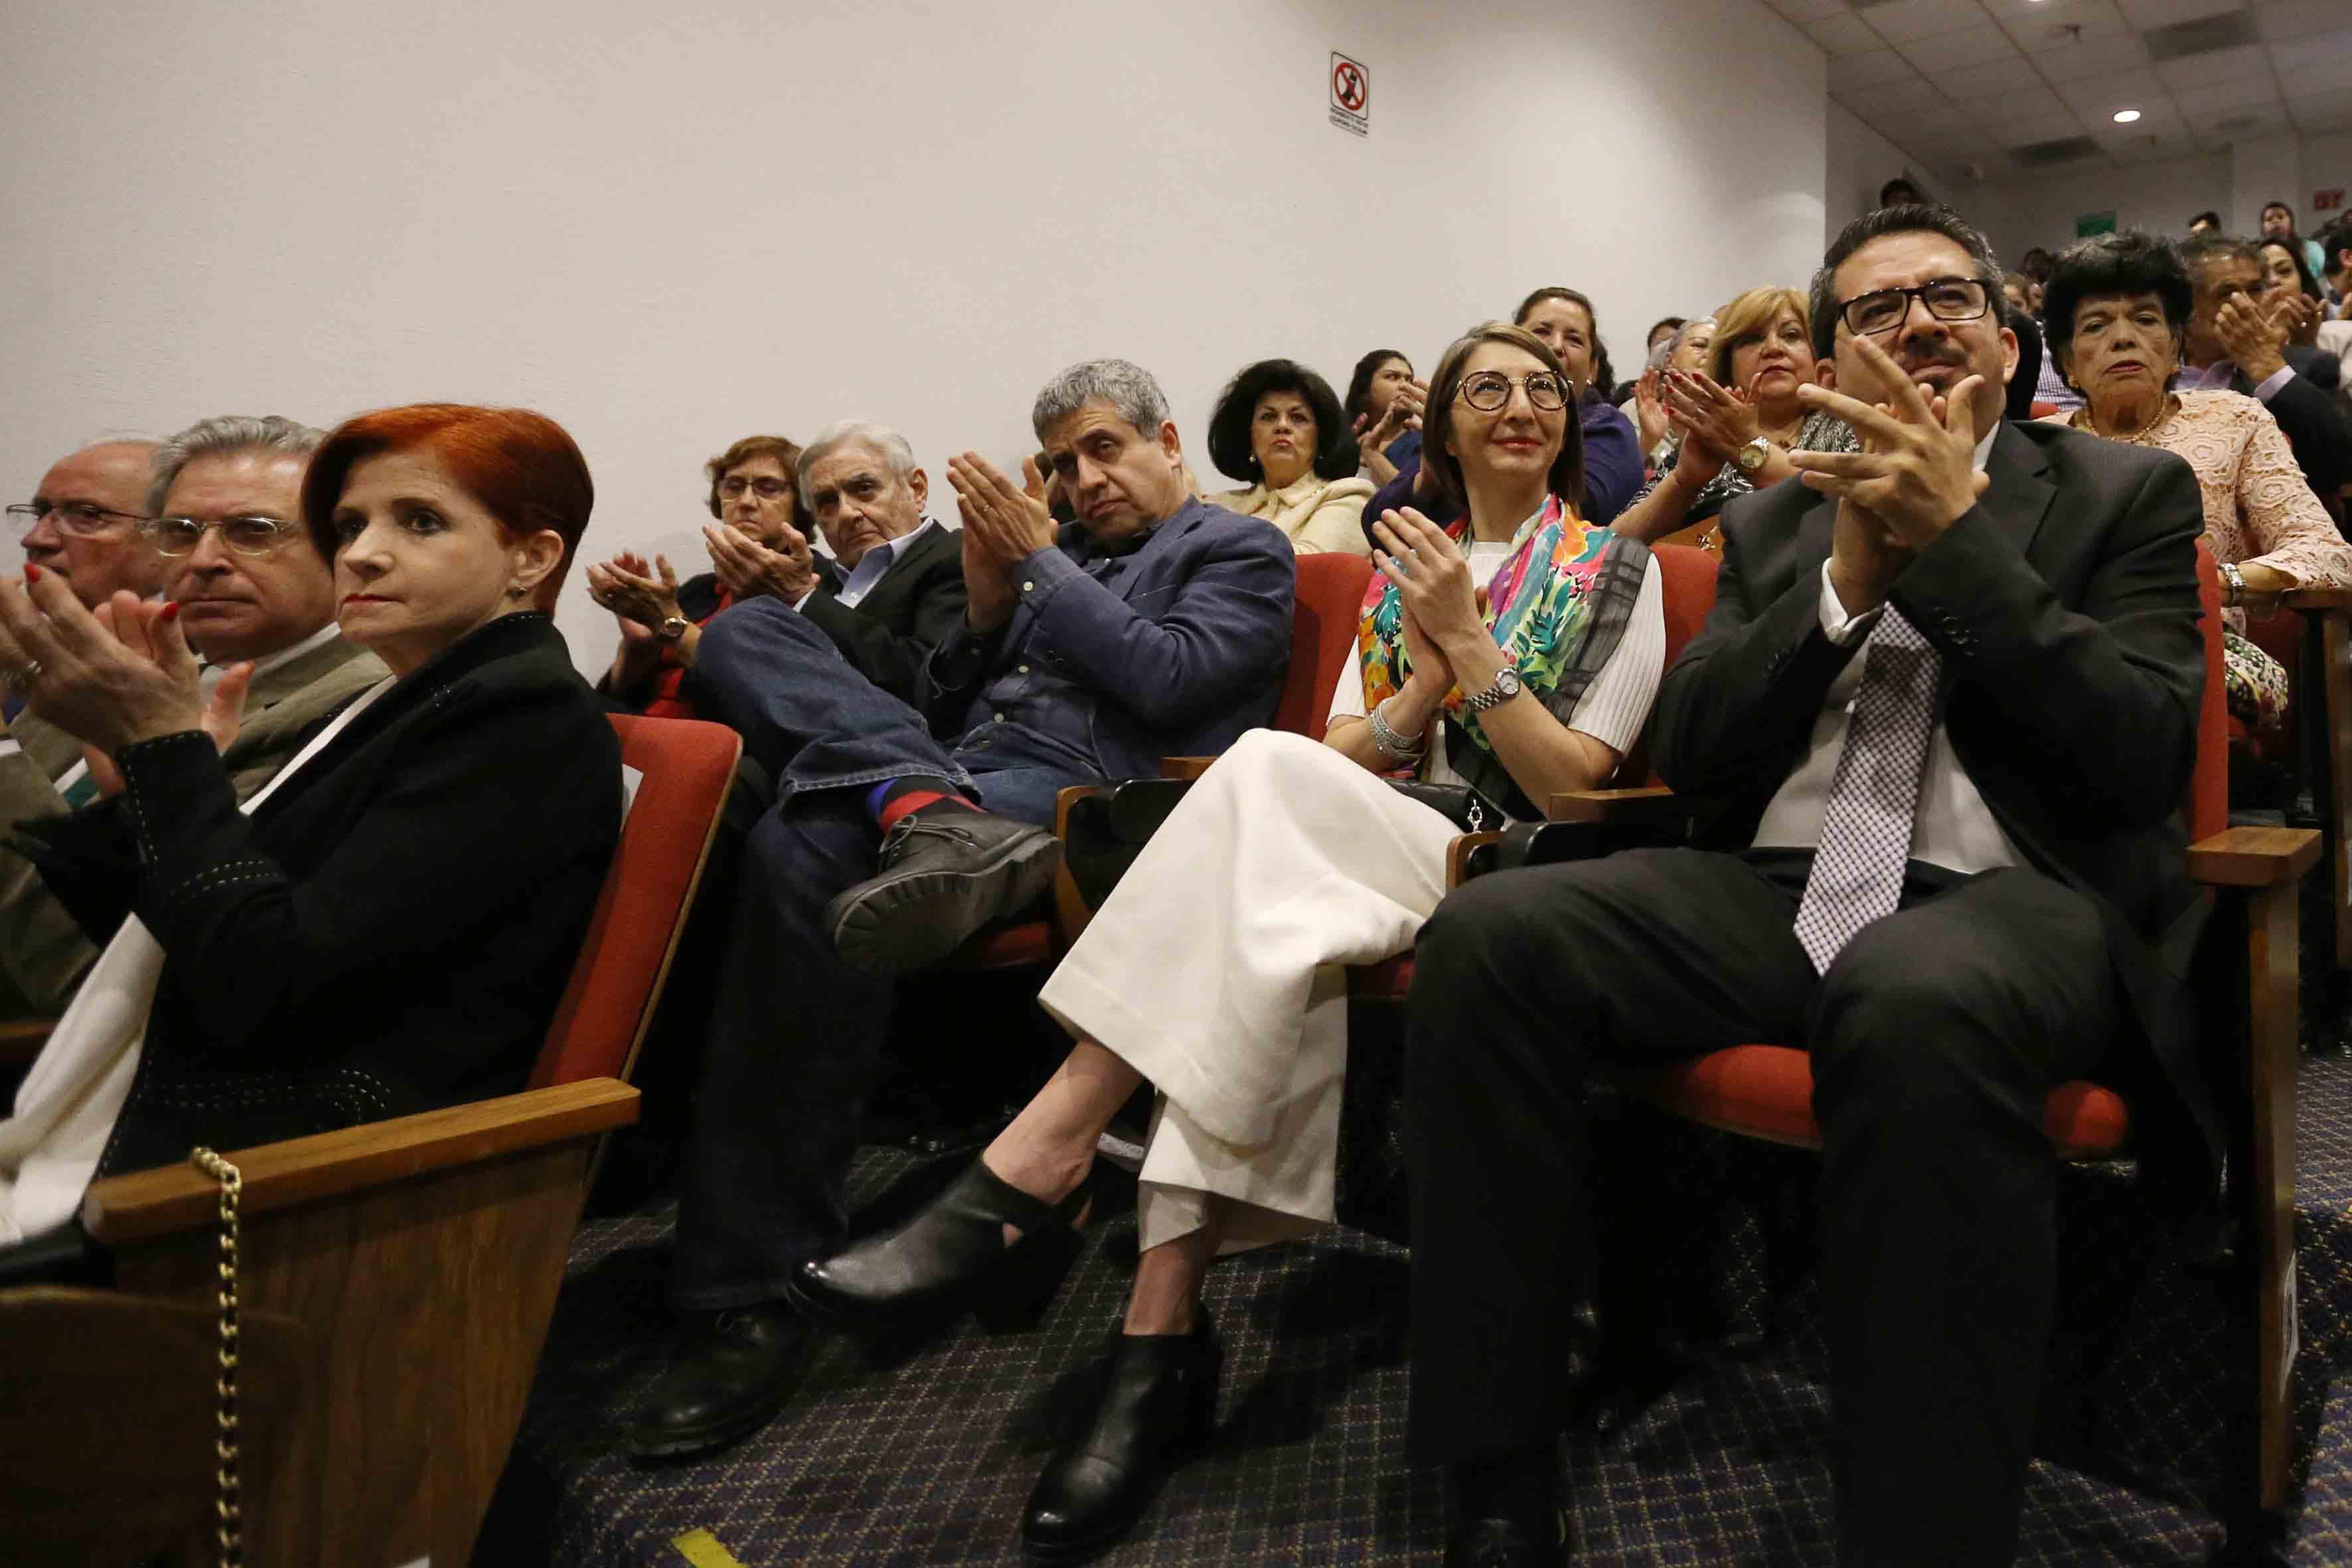 Rectores de diferentes centros universitarios de la Universidad de Guadalajara, asistentes a la ceremonia de reconocimiento.